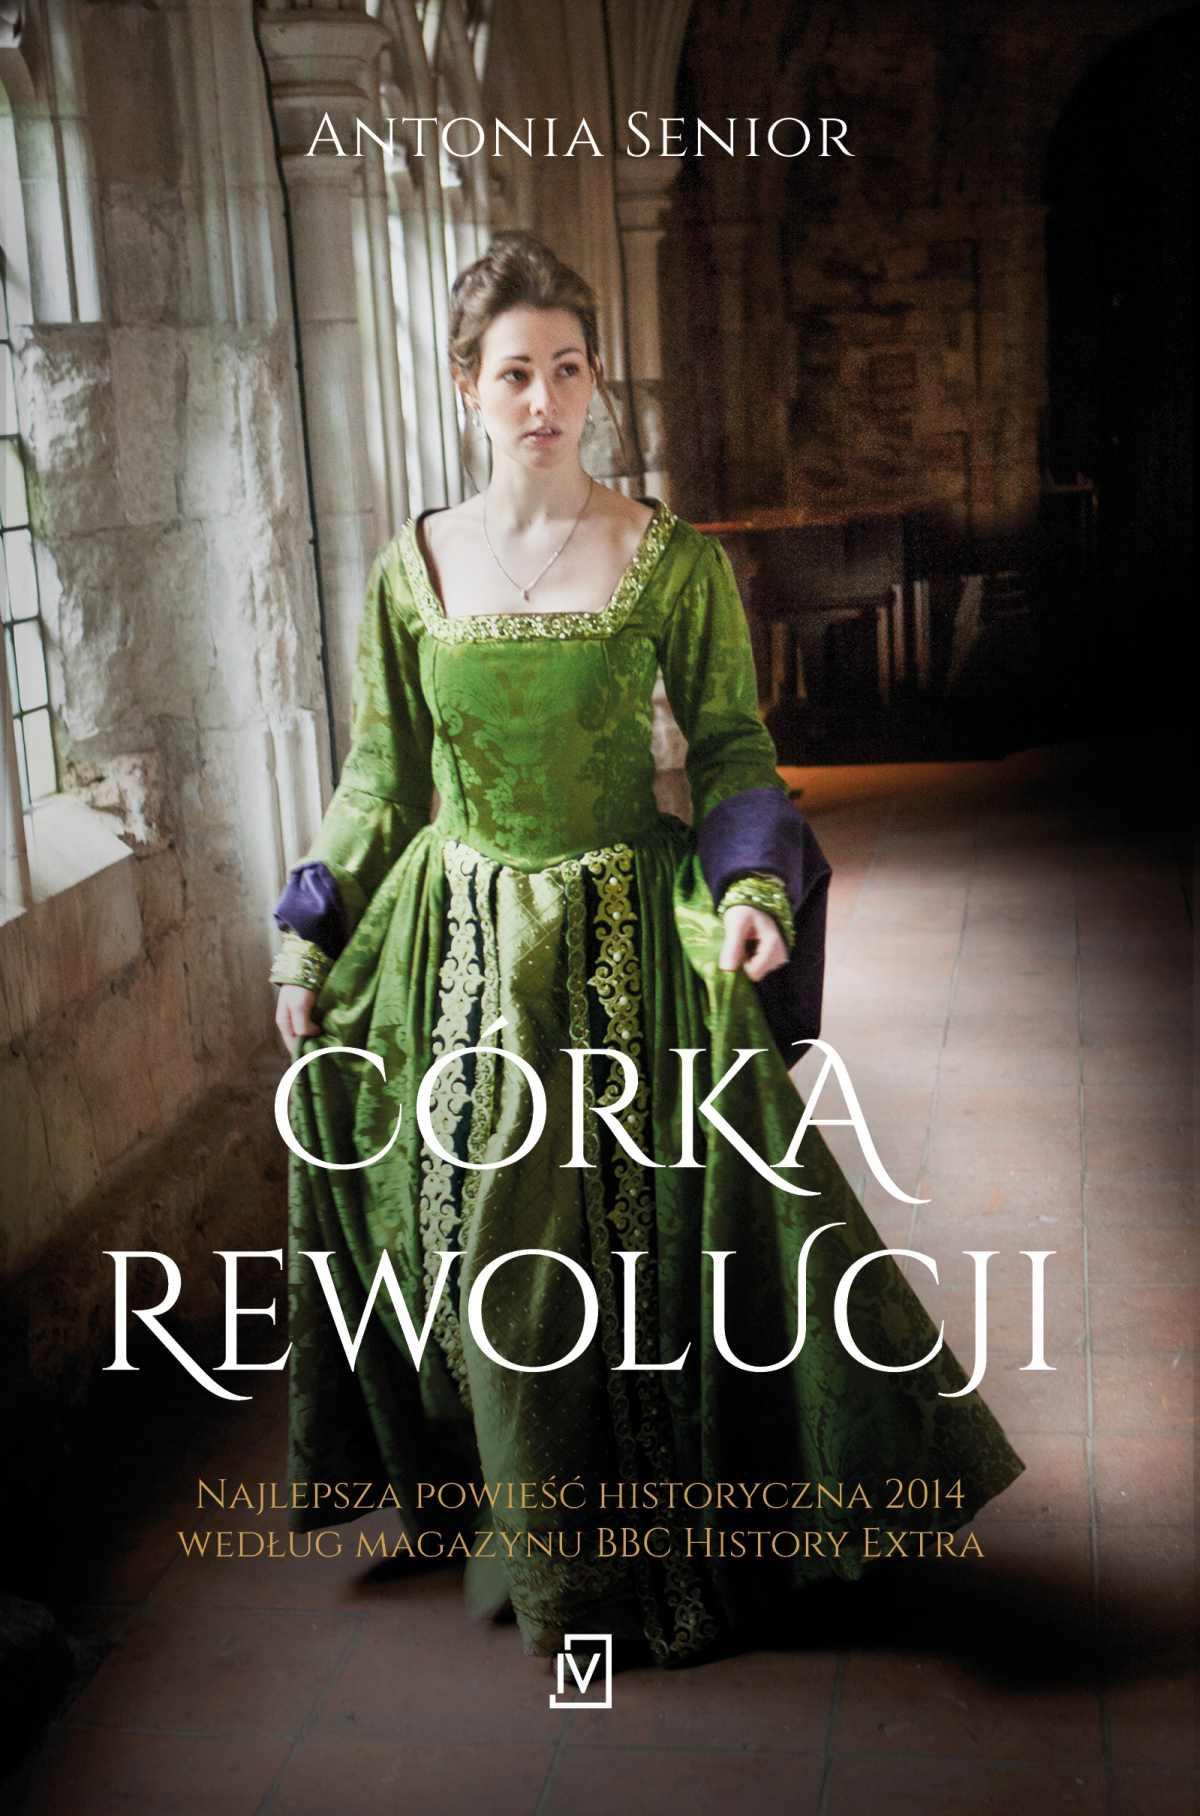 Córka rewolucji - Ebook (Książka na Kindle) do pobrania w formacie MOBI